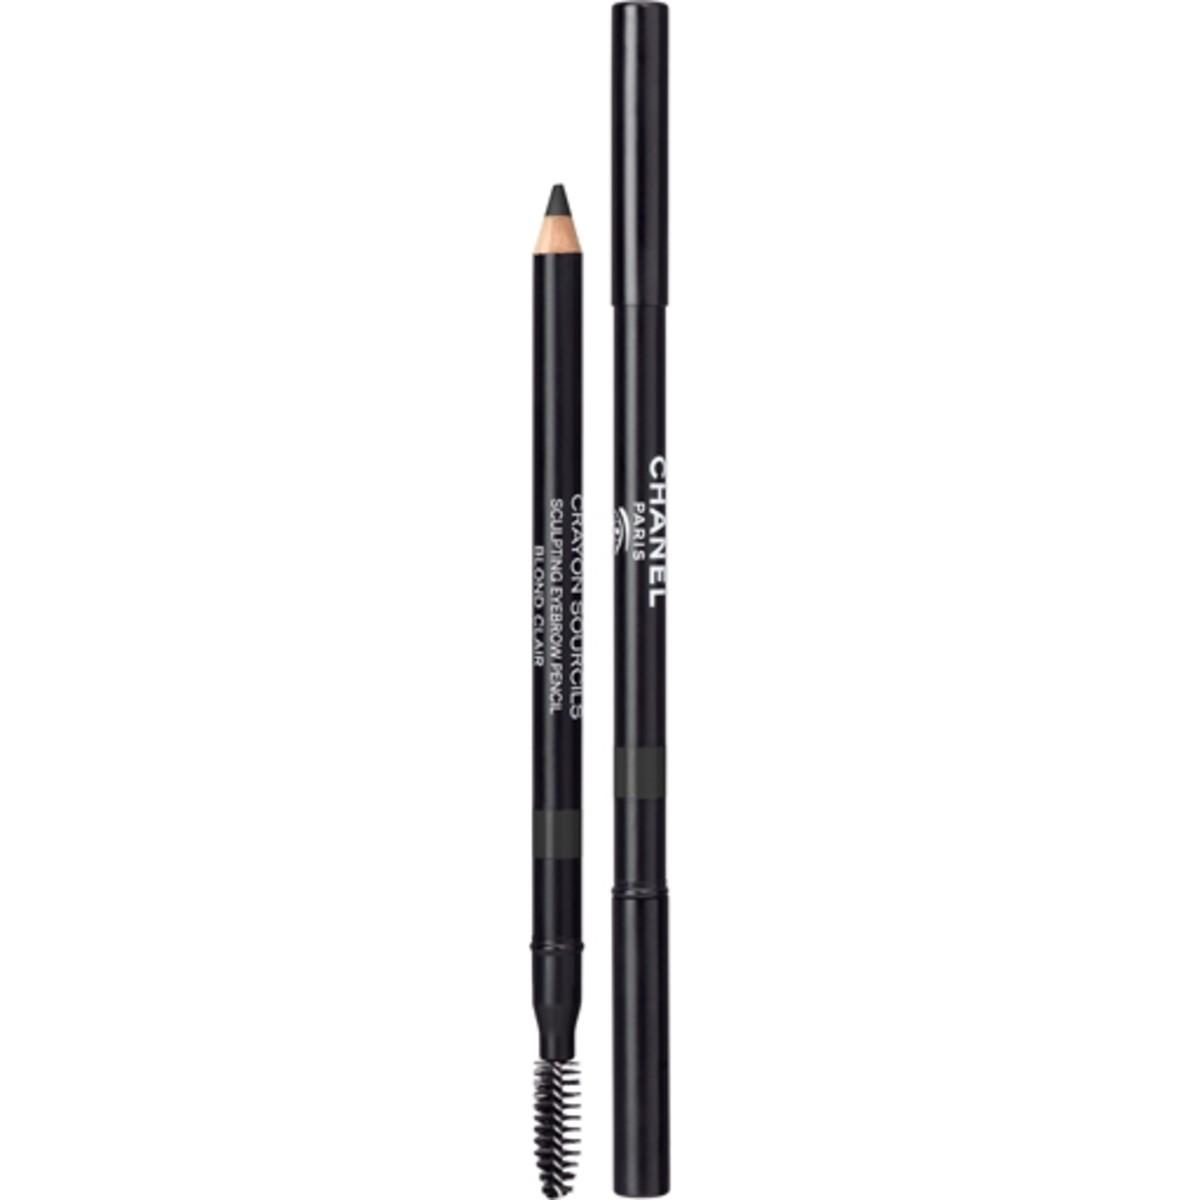 Chanel Crayon Sourcils Sculpting Eyebrow Pencil in Noir Cendre